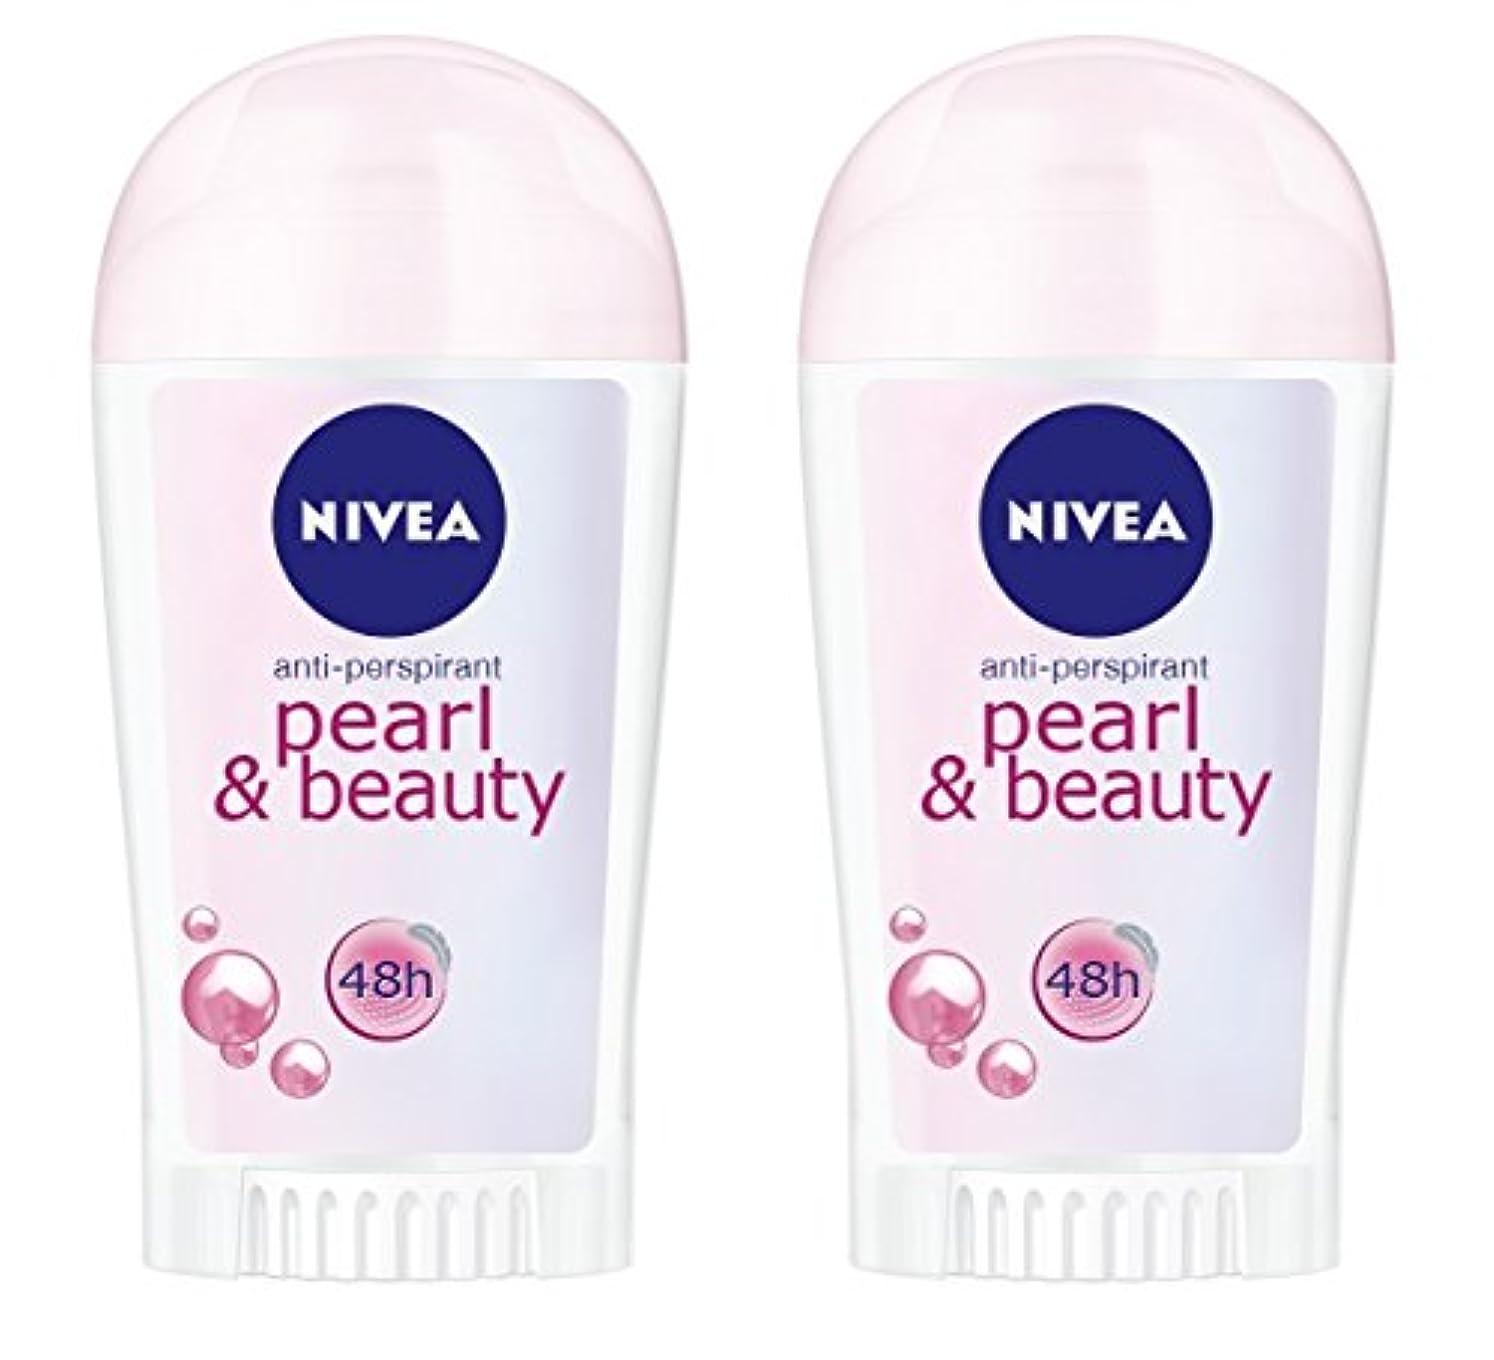 シャープスリチンモイ相談(2パック) ニベアパールそしてビューティー制汗剤デオドラントスティック女性のための2x40ml - (Pack of 2) Nivea Pearl & Beauty Anti-perspirant Deodorant...